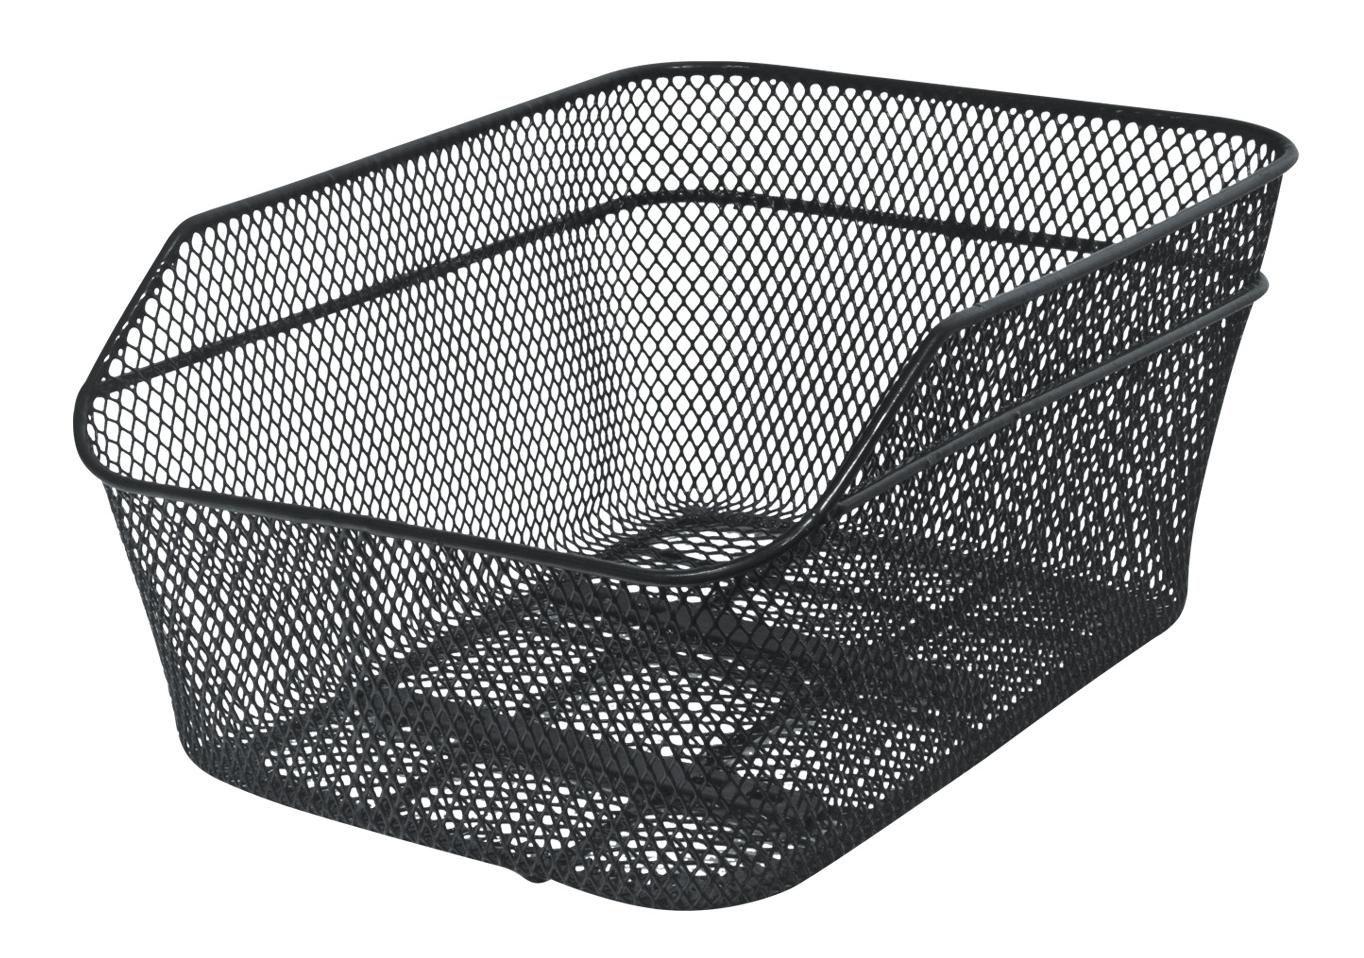 Košík na nošič KLS CITY rear zadní oválný středně velký černy